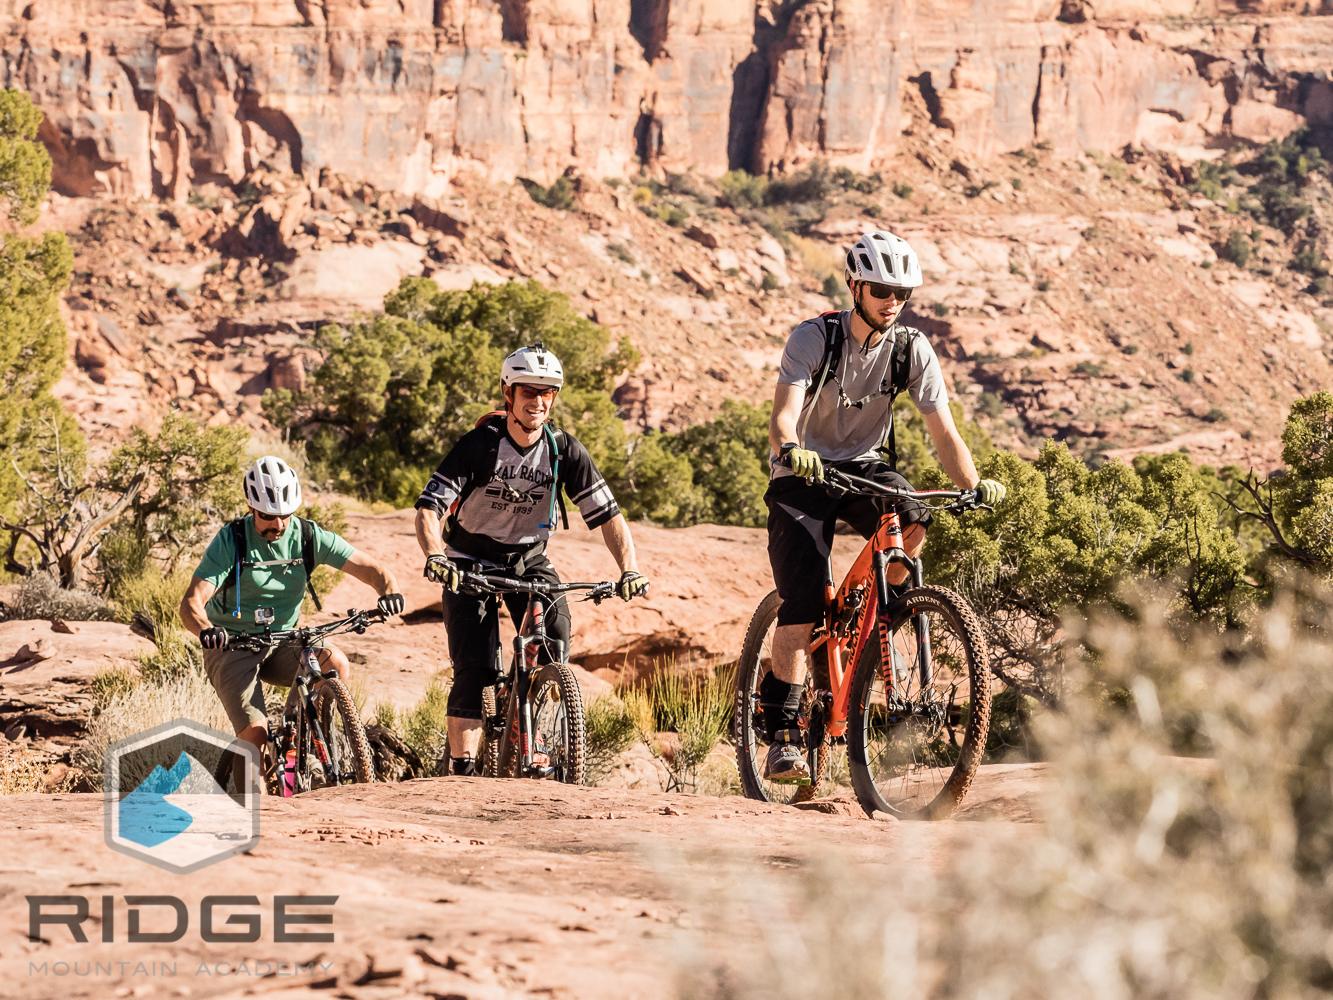 RIDGE in Moab, fall 2015-105.JPG